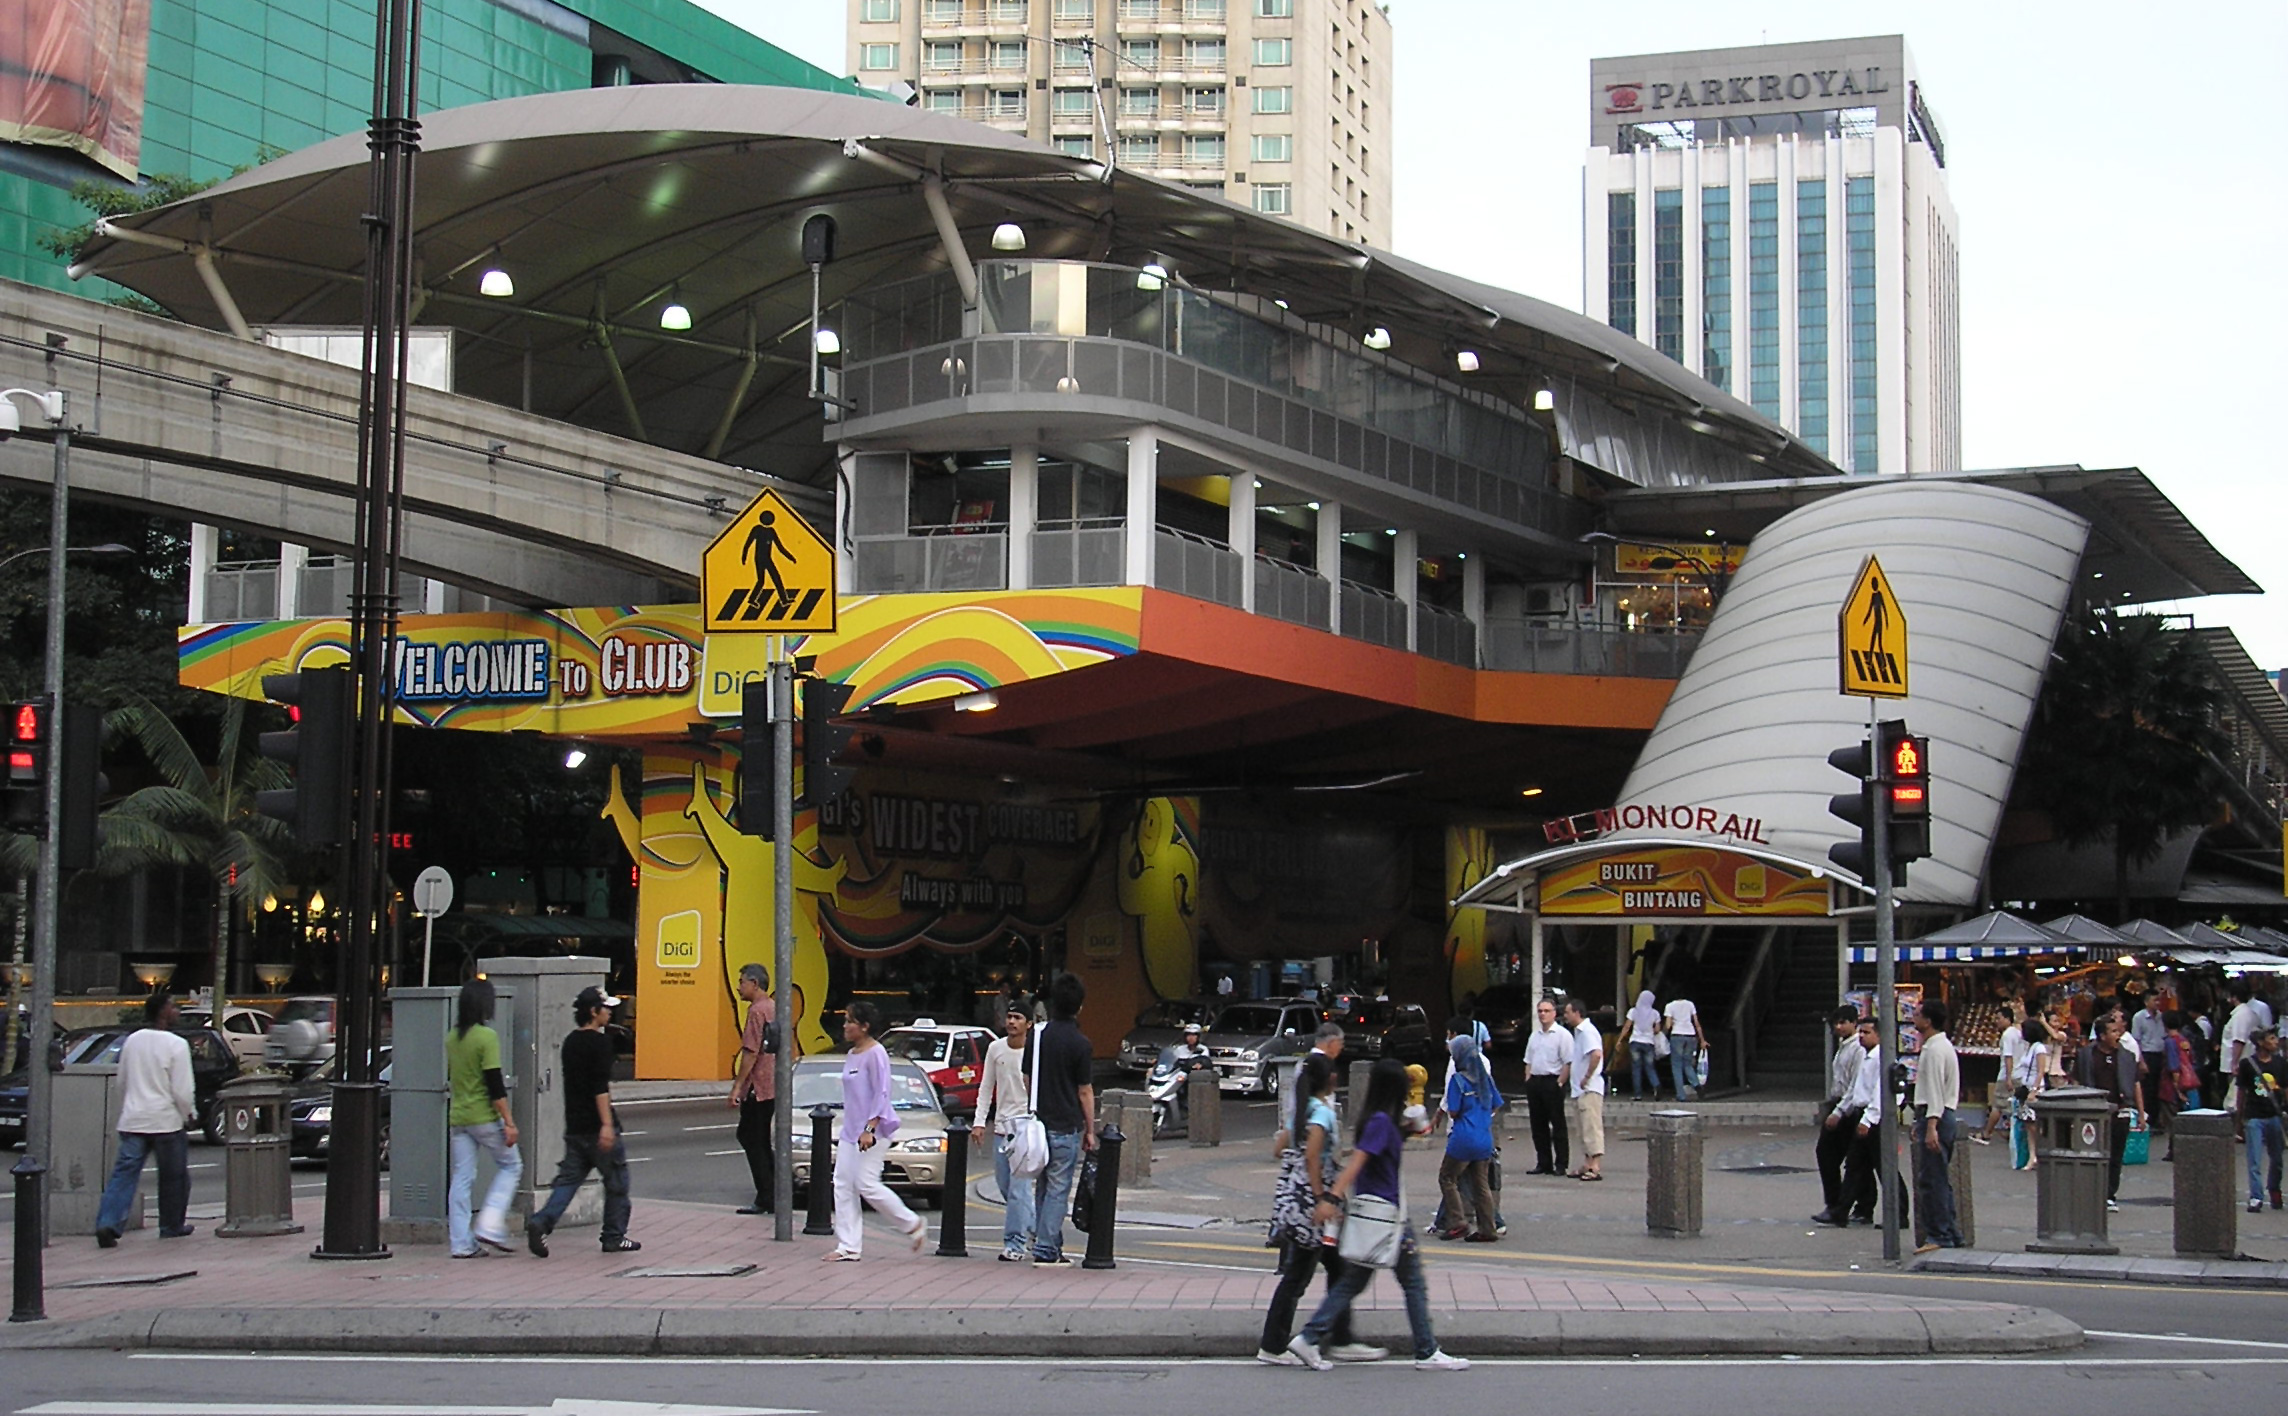 http://upload.wikimedia.org/wikipedia/commons/5/5e/Bukit_Bintang_station_(Kuala_Lumpur_Monorail)_(exterior),_Kuala_Lumpur.jpg